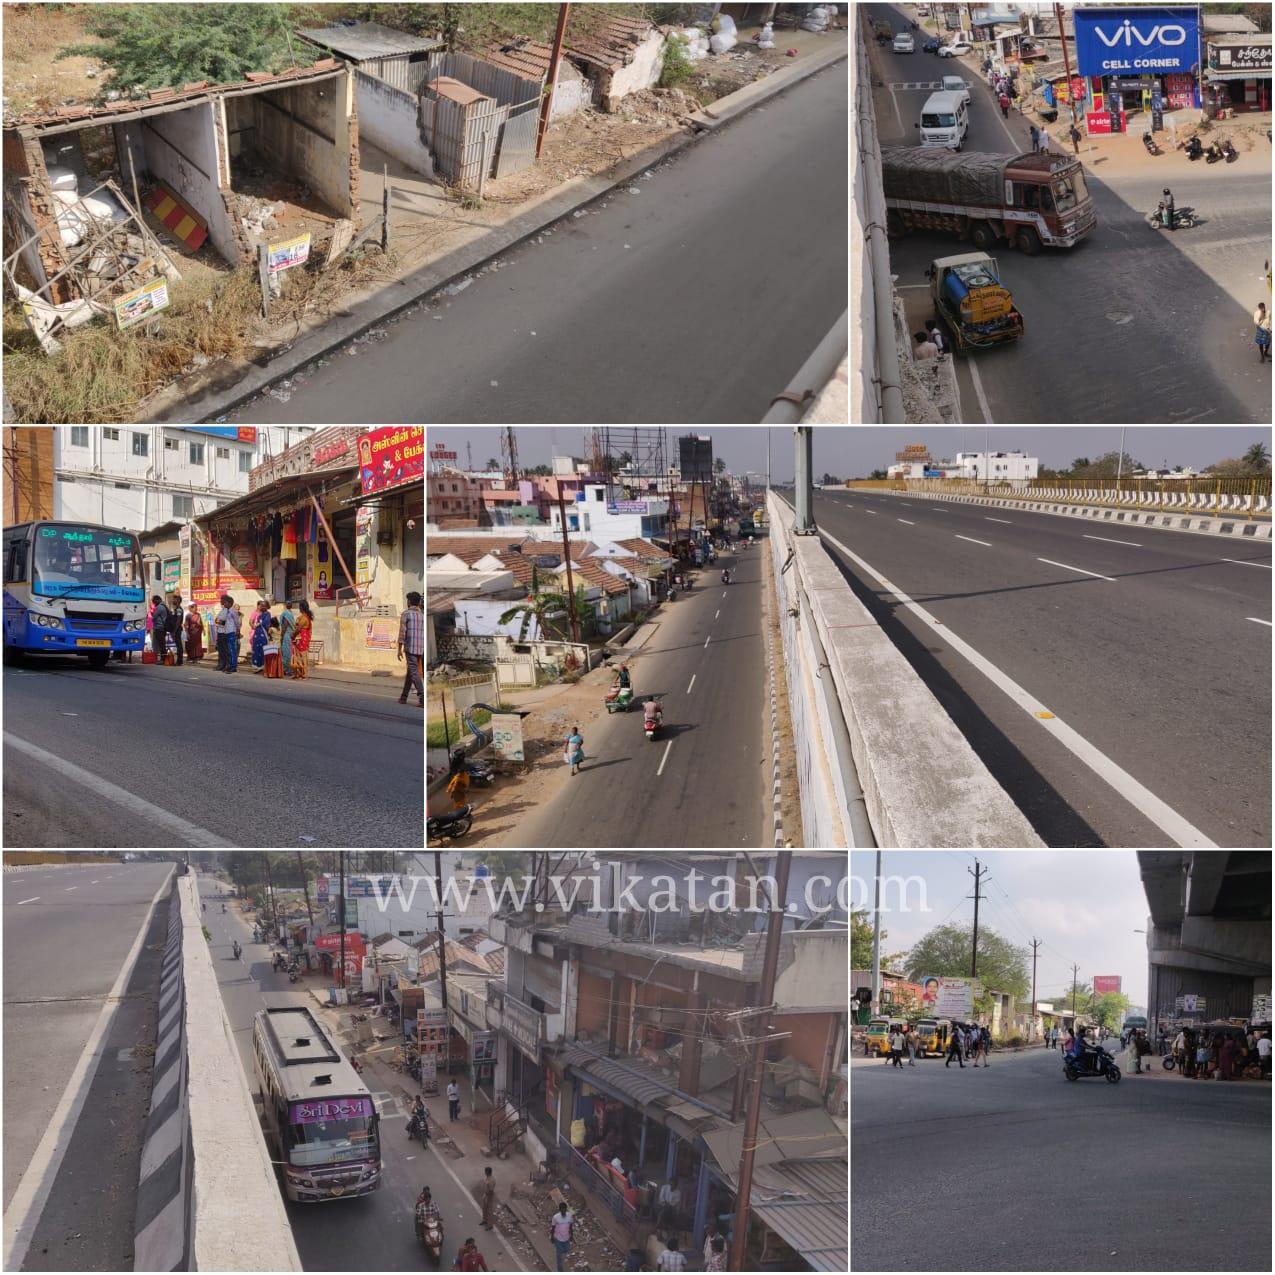 கருமத்தம்பட்டி தேசிய நெடுஞ்சாலை